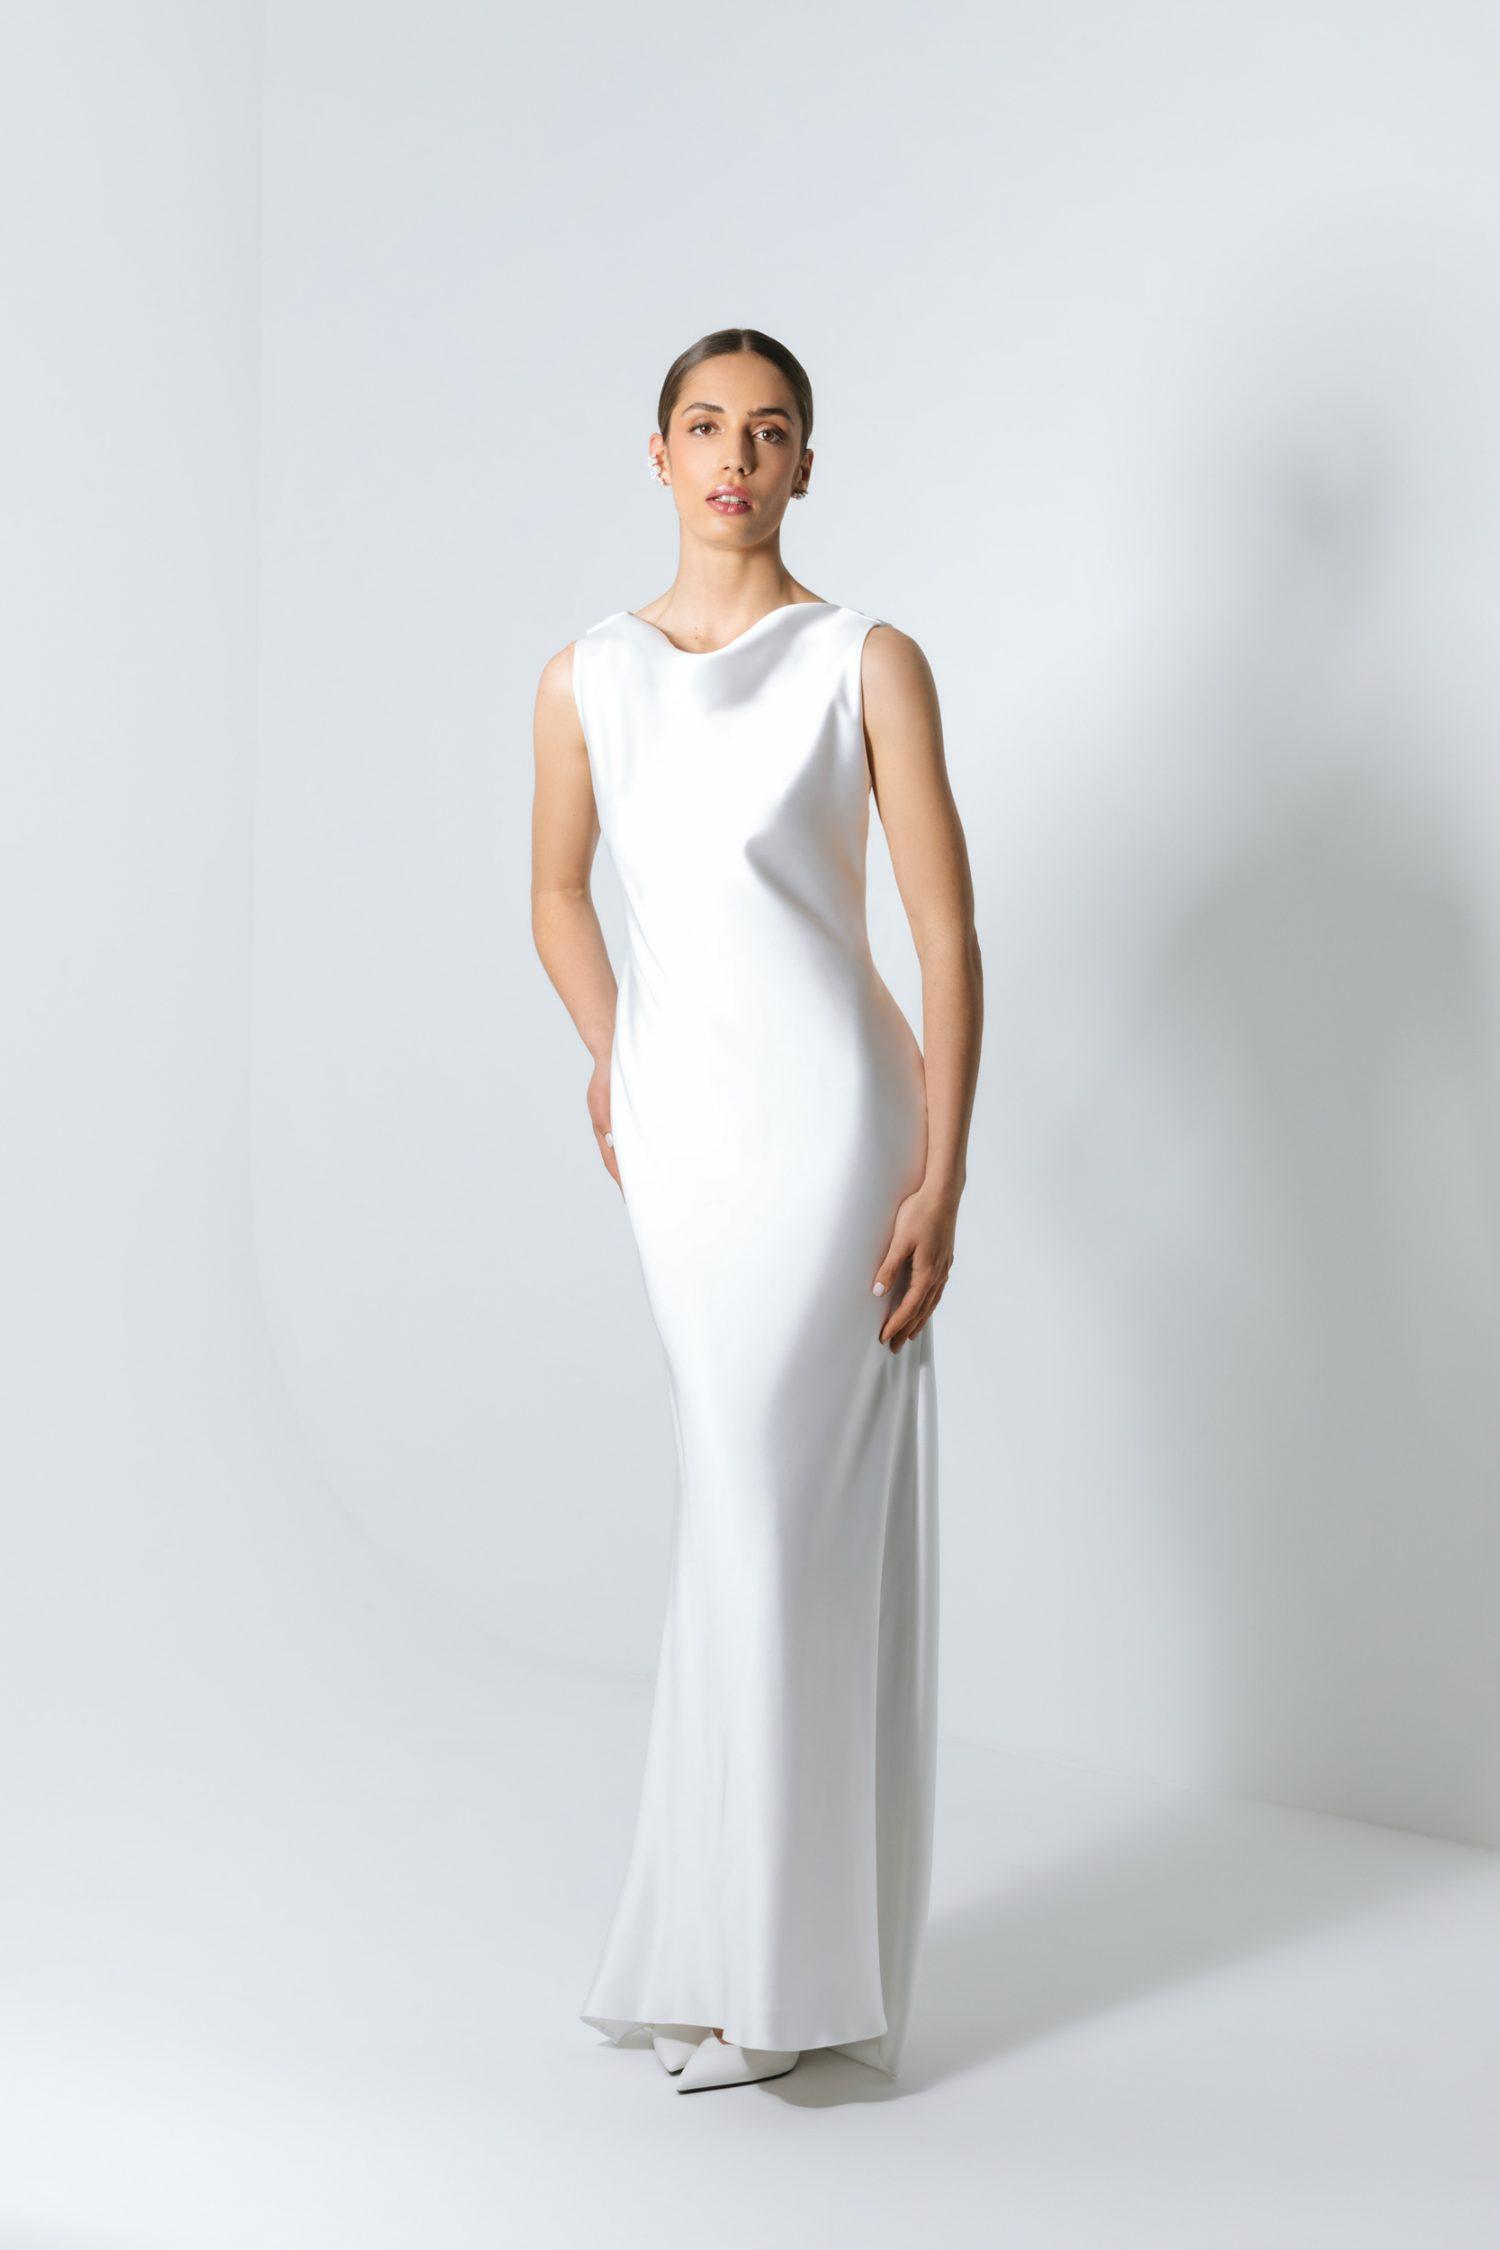 Vestido de noiva branco elegante acetinado simples.